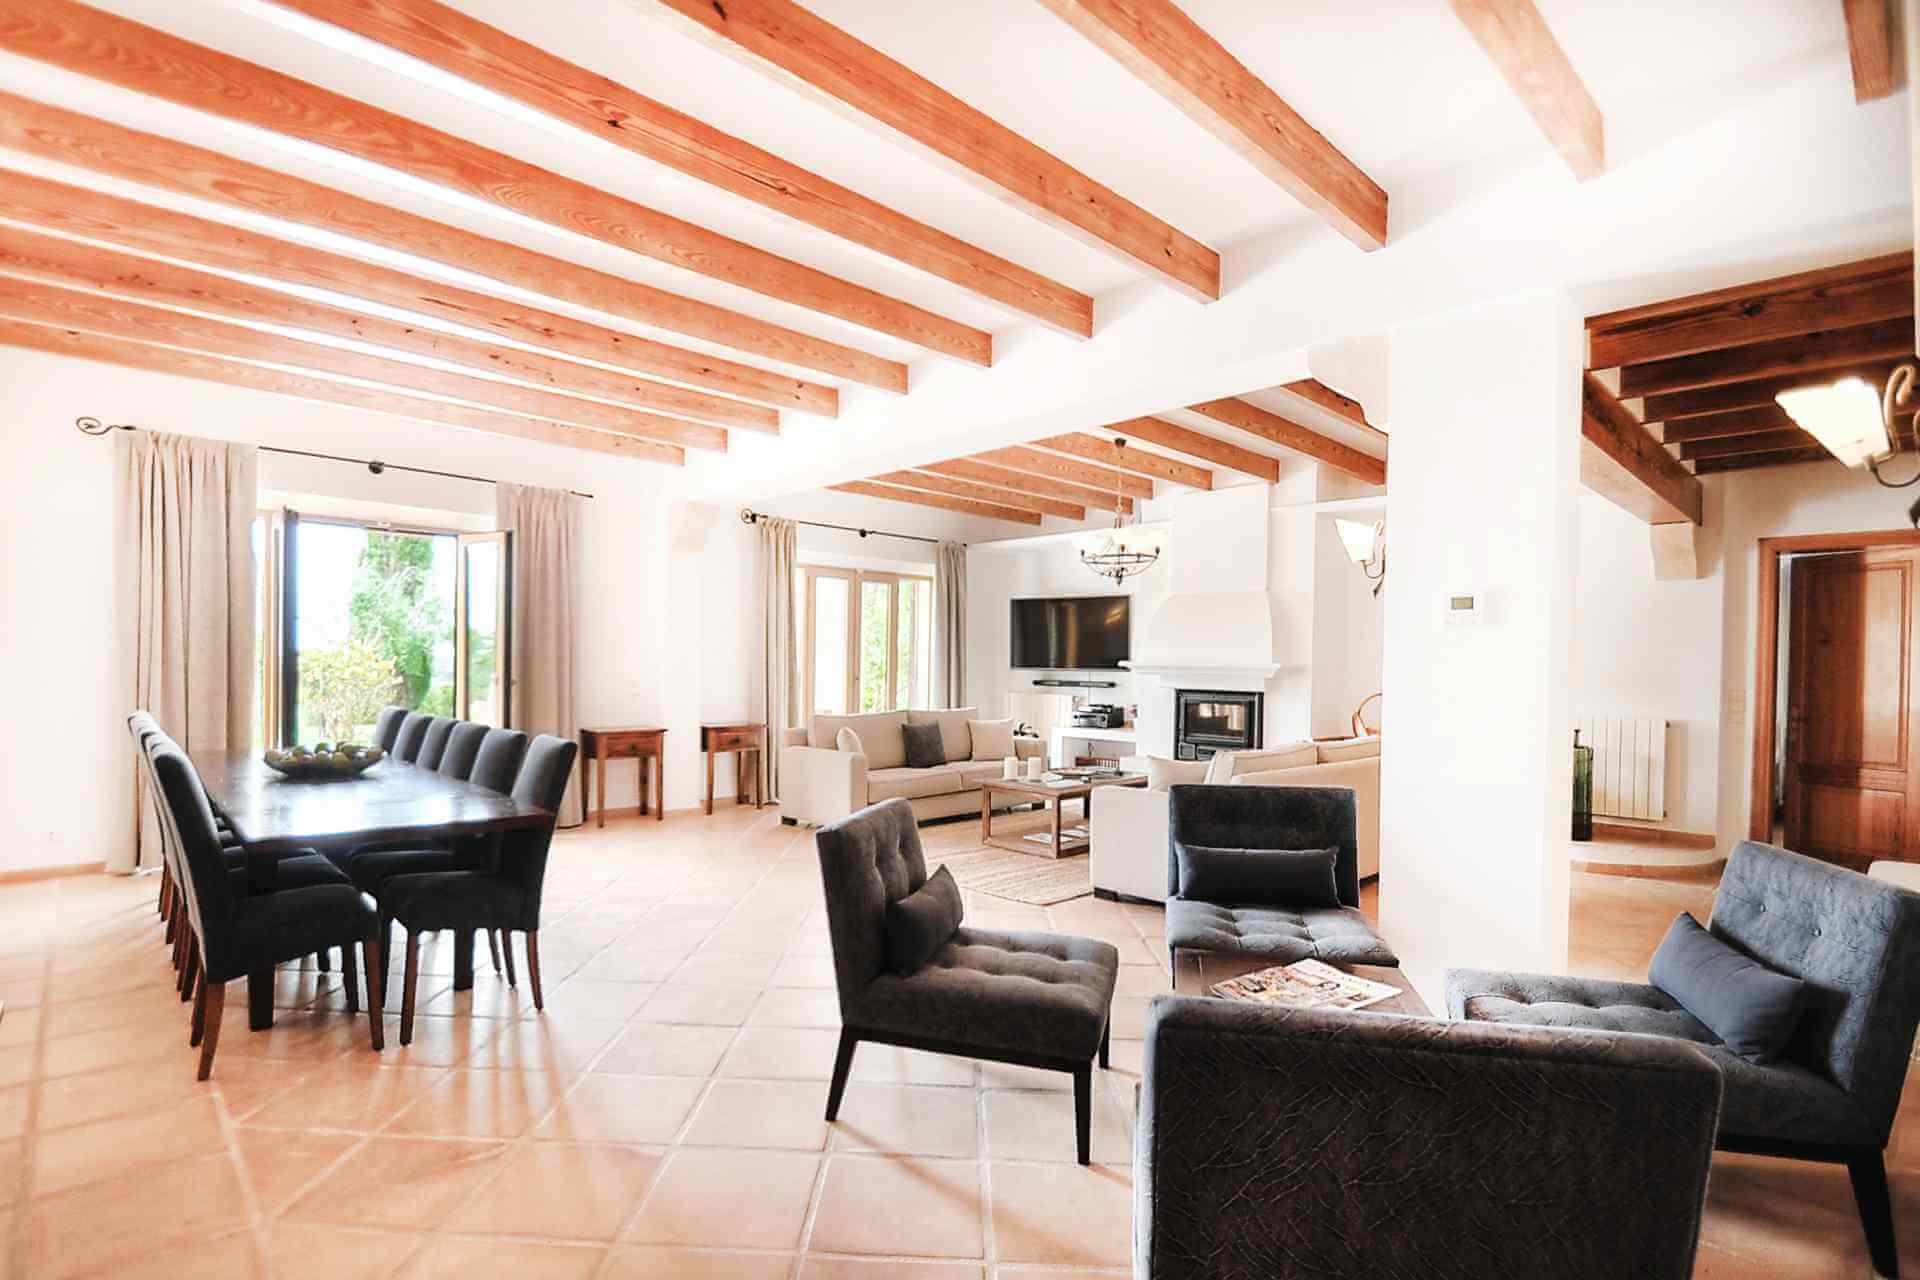 01-319 riesige luxus Finca Mallorca Osten Bild 15